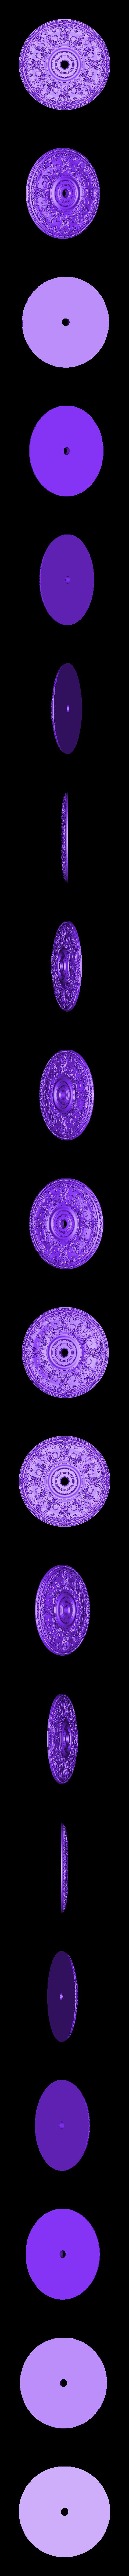 36.stl Télécharger fichier OBJ gratuit Moulures vintage pour vieux appartements classiques cnc art machine à router 3D printed • Modèle à imprimer en 3D, 3DPrinterFiles